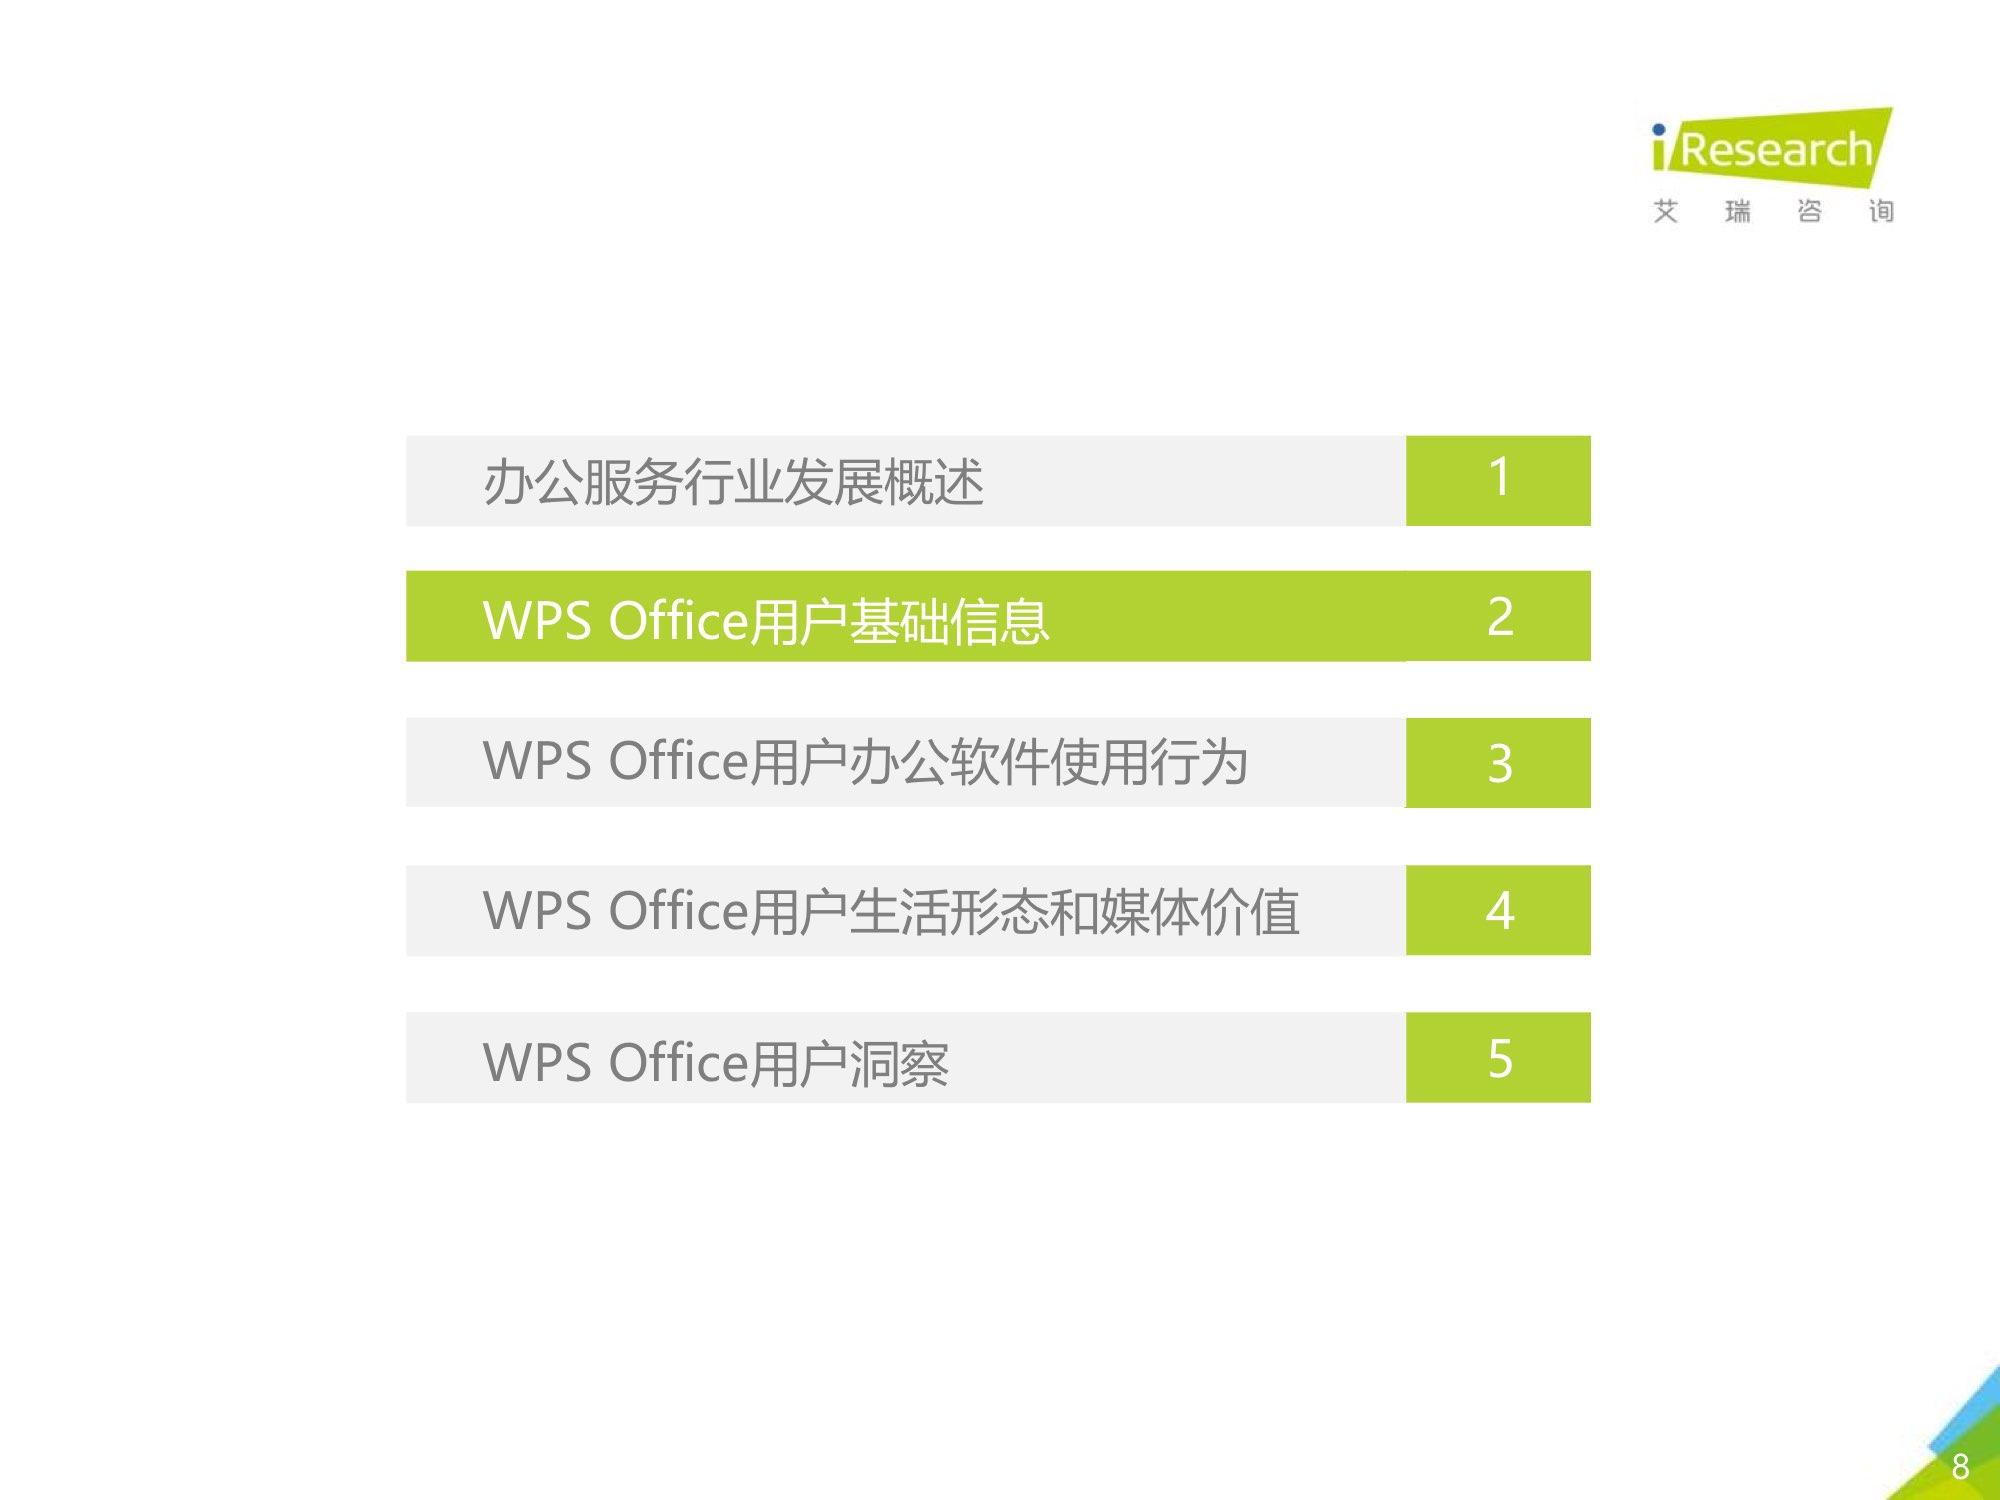 艾瑞咨询:2018年WPS Office用户白皮书(附下载